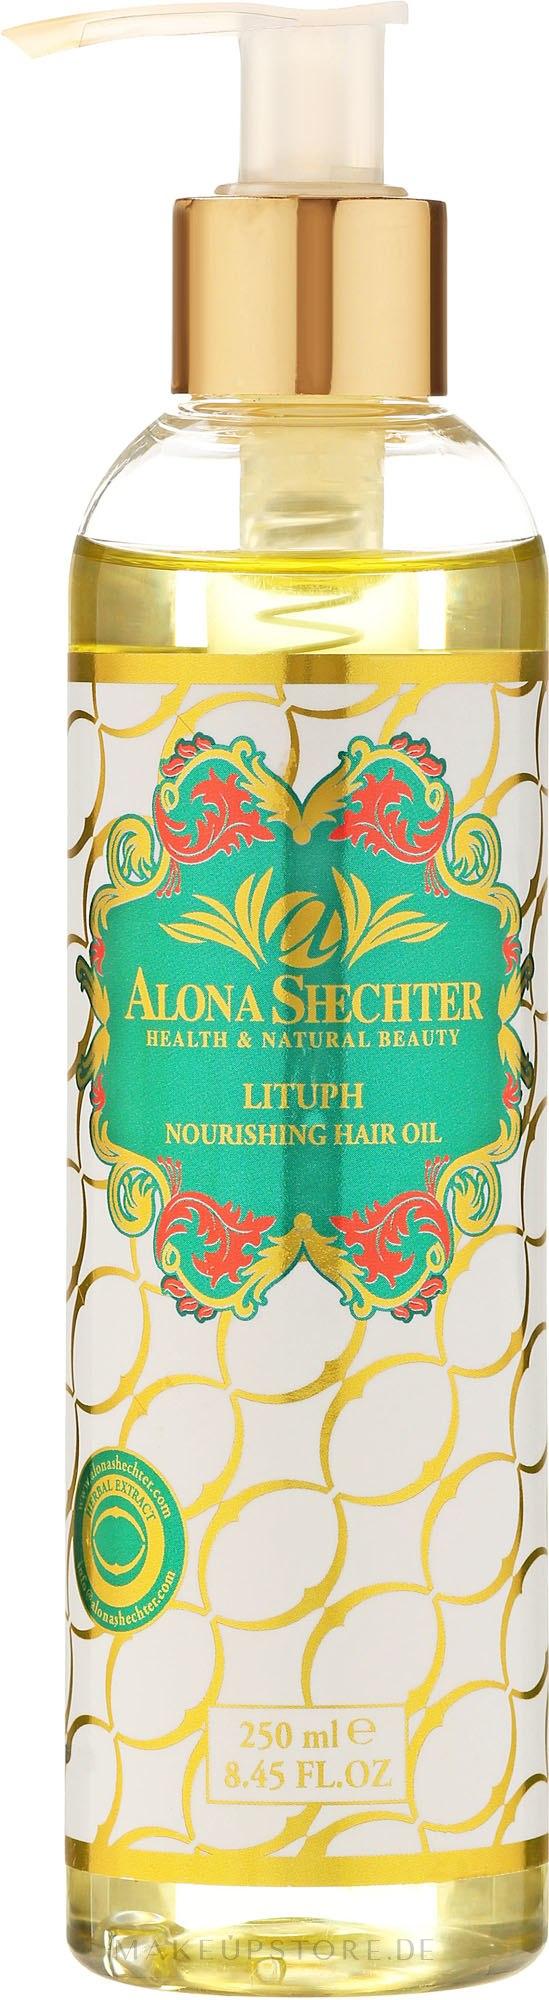 Nährendes und kräftigendes Haaröl für strapaziertes, dünner werdendes Haar - Alona Shechter Hair Oil — Bild 250 ml